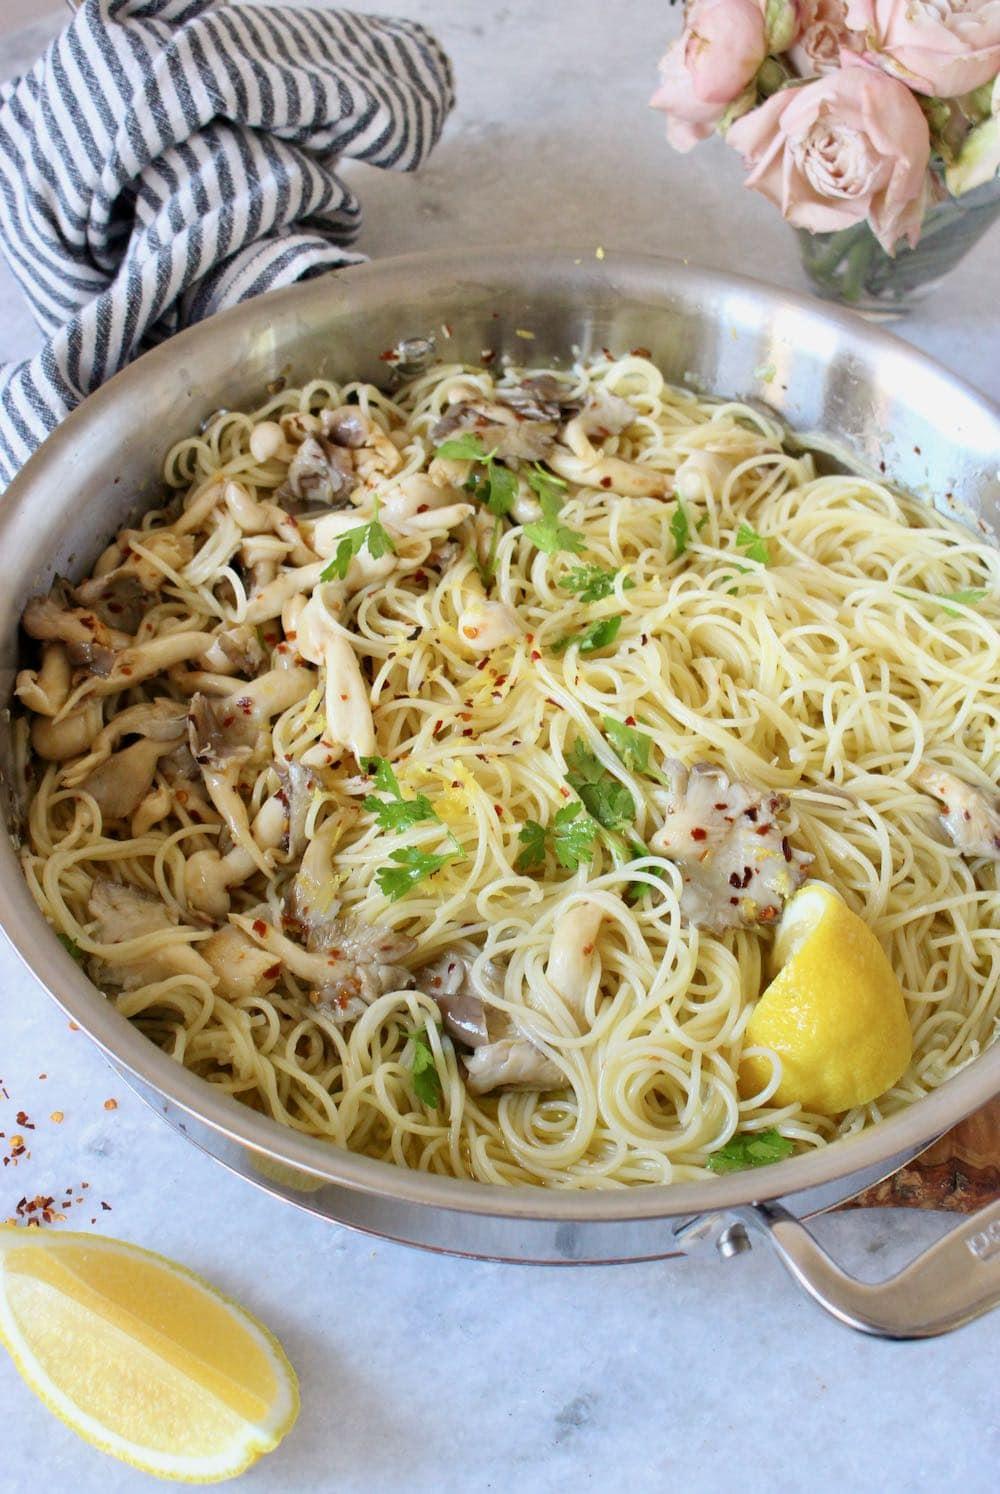 Spaghetti Aglio e Olio with Lemon and Mushrooms